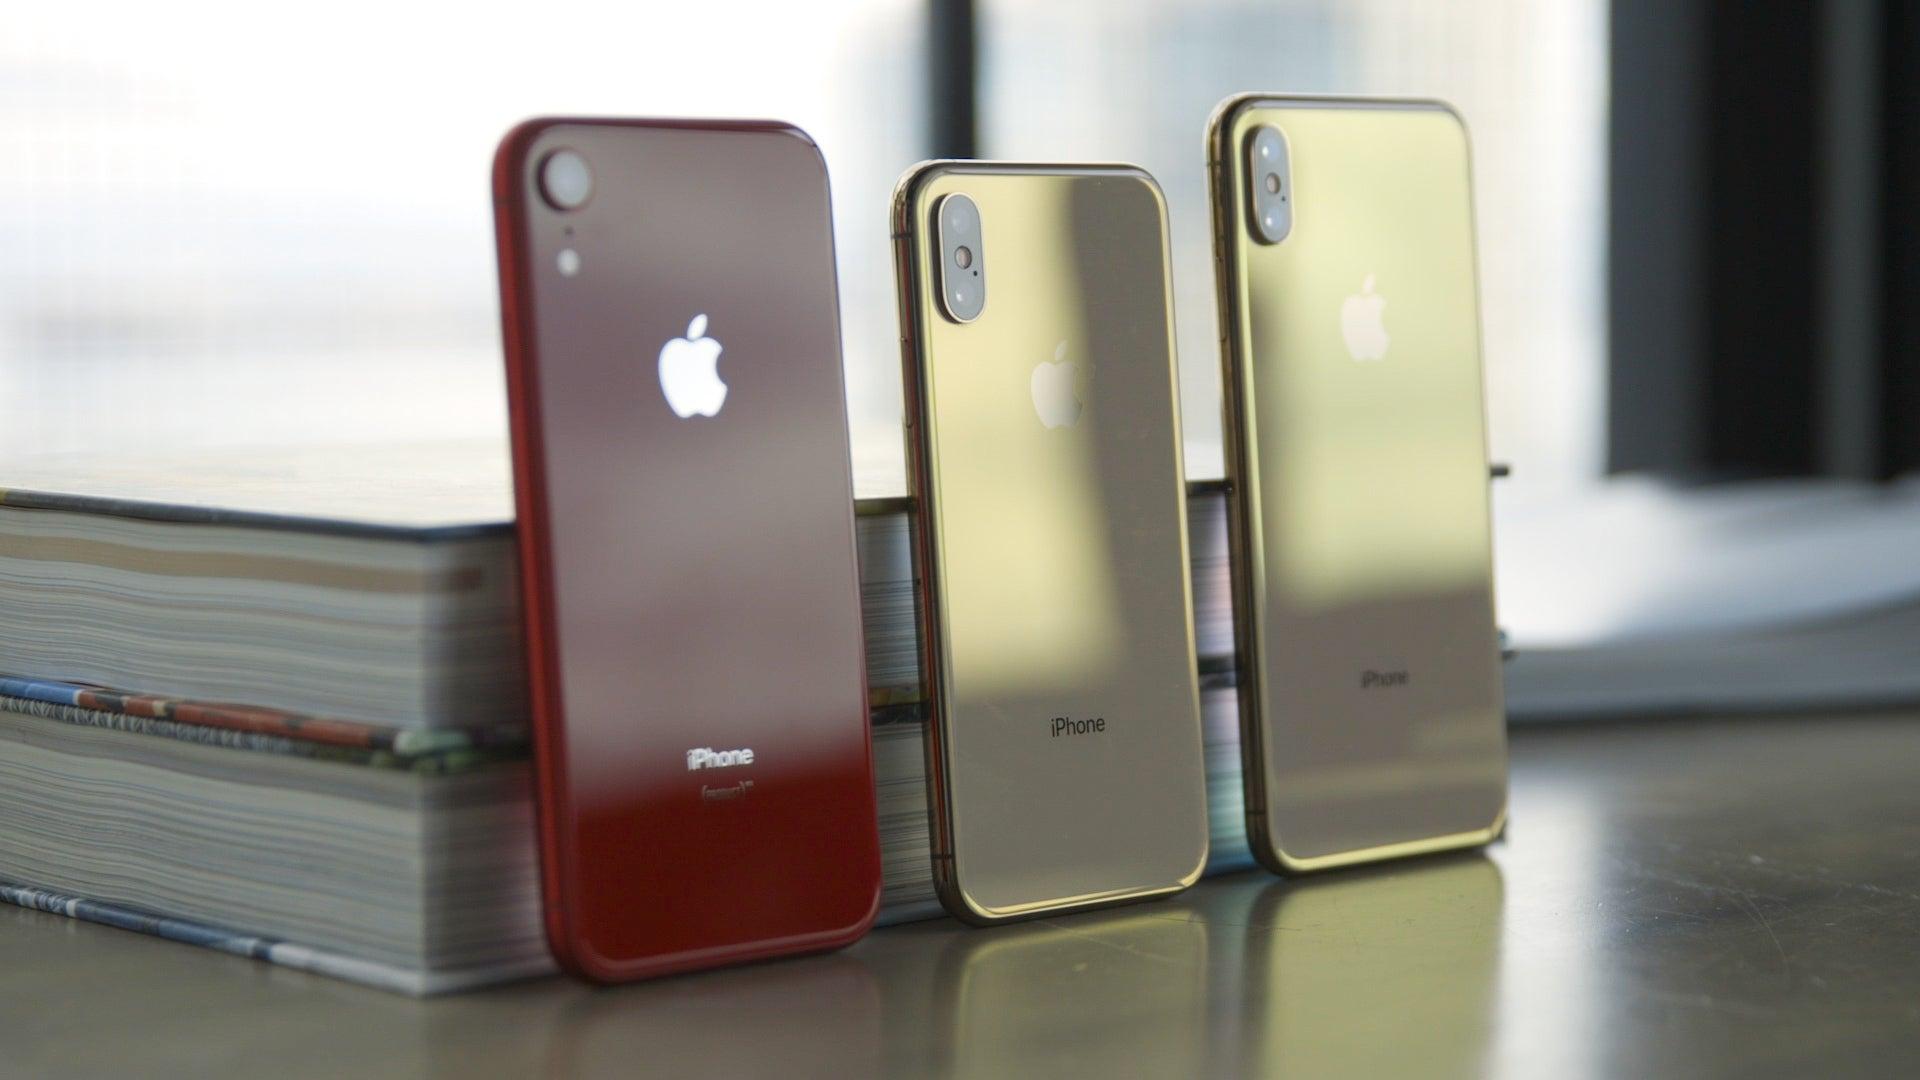 iPhone XR vs XS vs XS Max